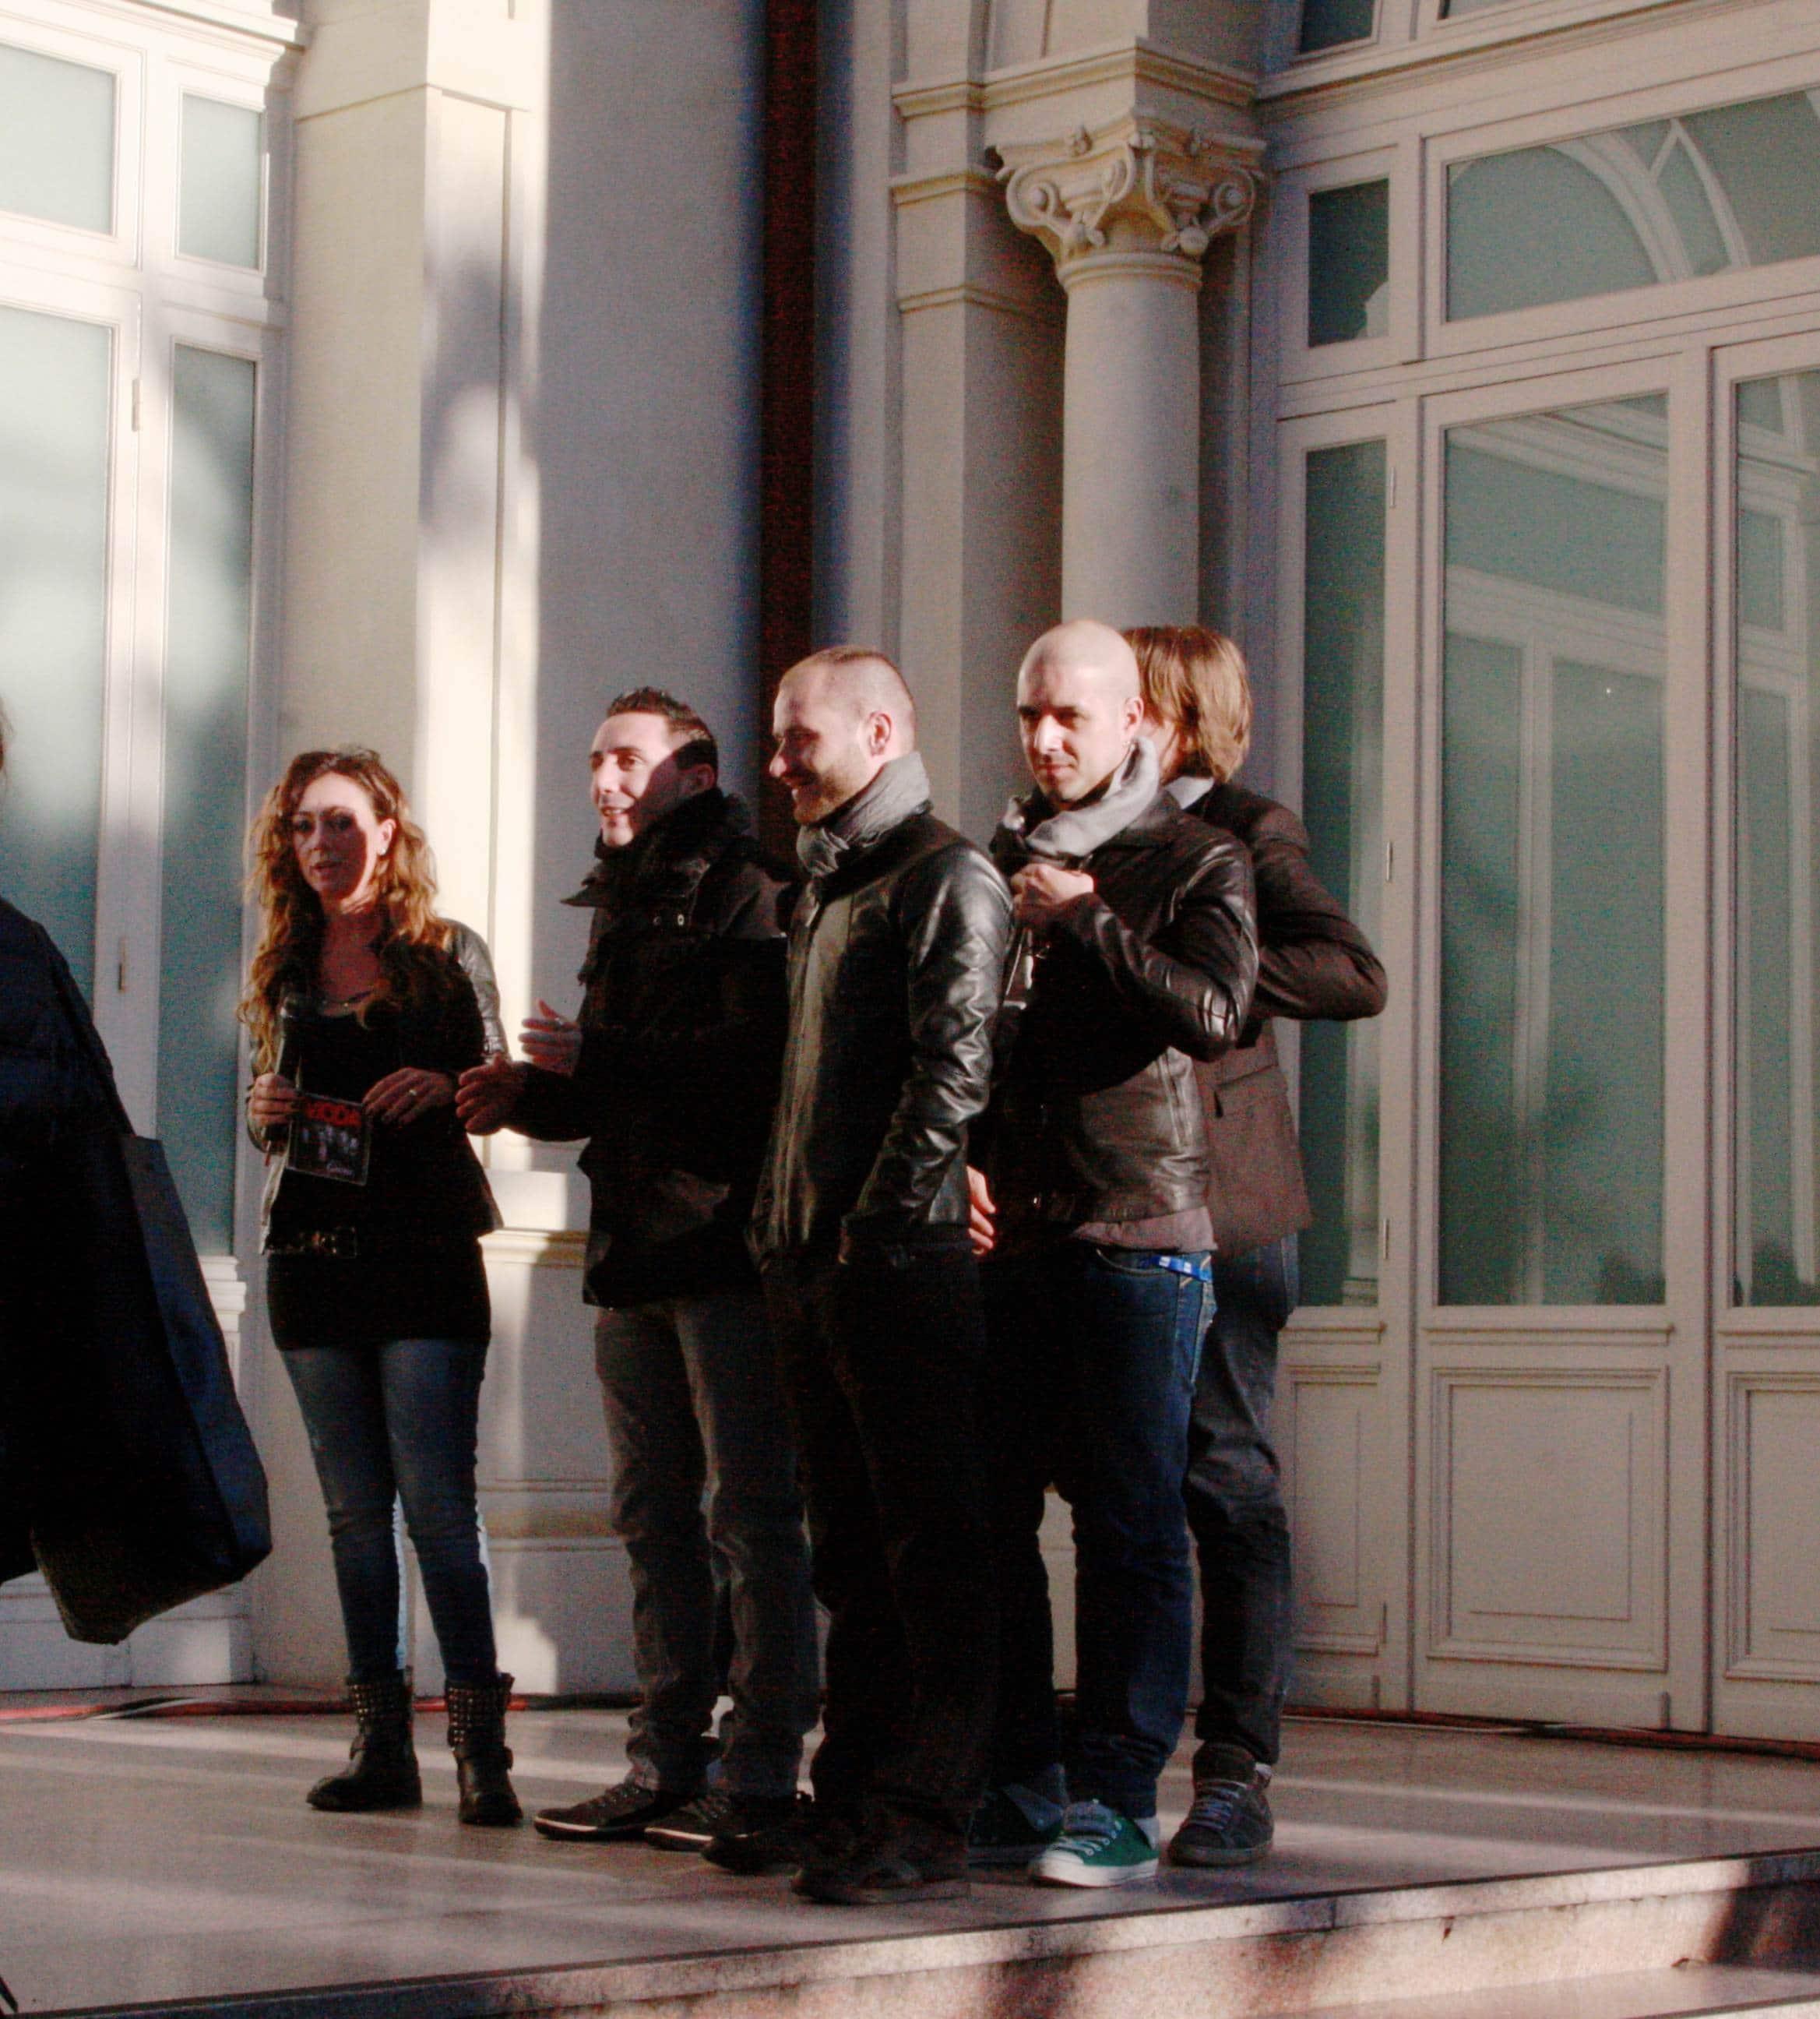 """Sono stati i Modà, che oggi apriranno la seconda serata del Festival, ad inaugurare i collegamenti de """"La vita in diretta"""" dal Casinò di Sanremo. Kekko ha parlato dell'emozione che…"""